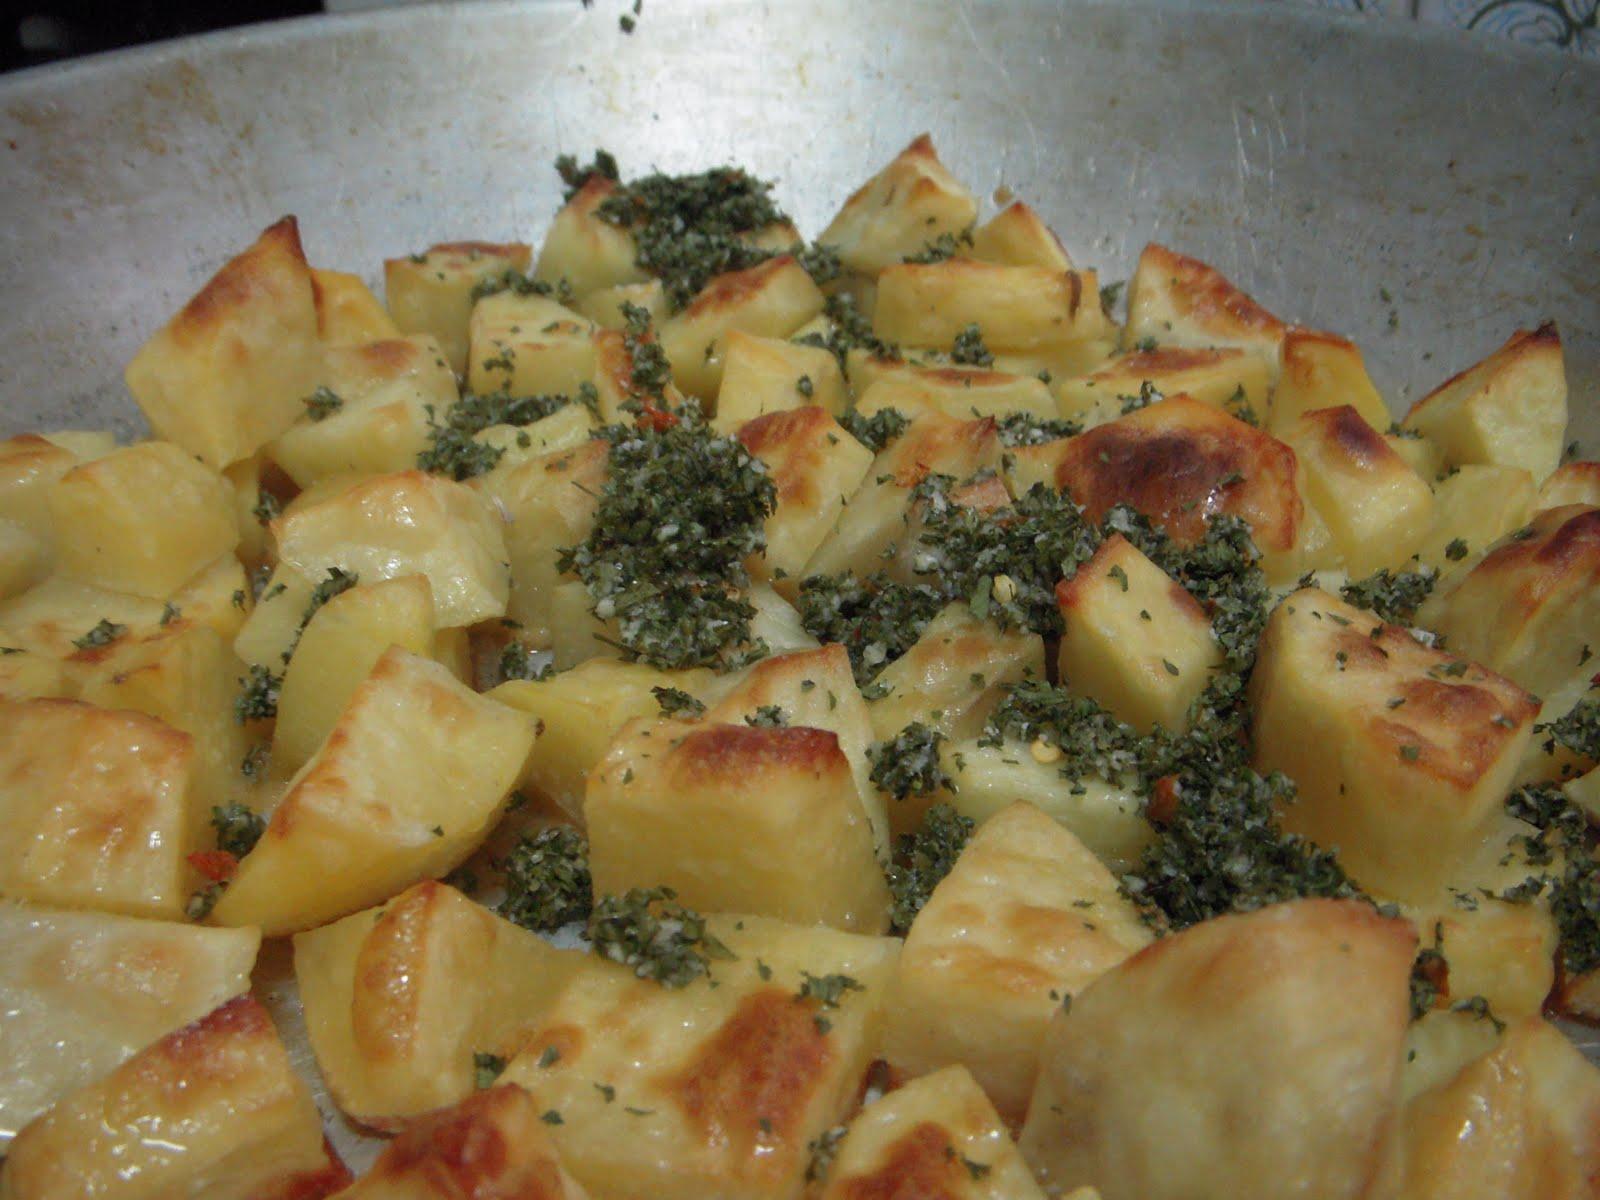 Sin huevo patatas al horno - Patatas pequenas al horno ...